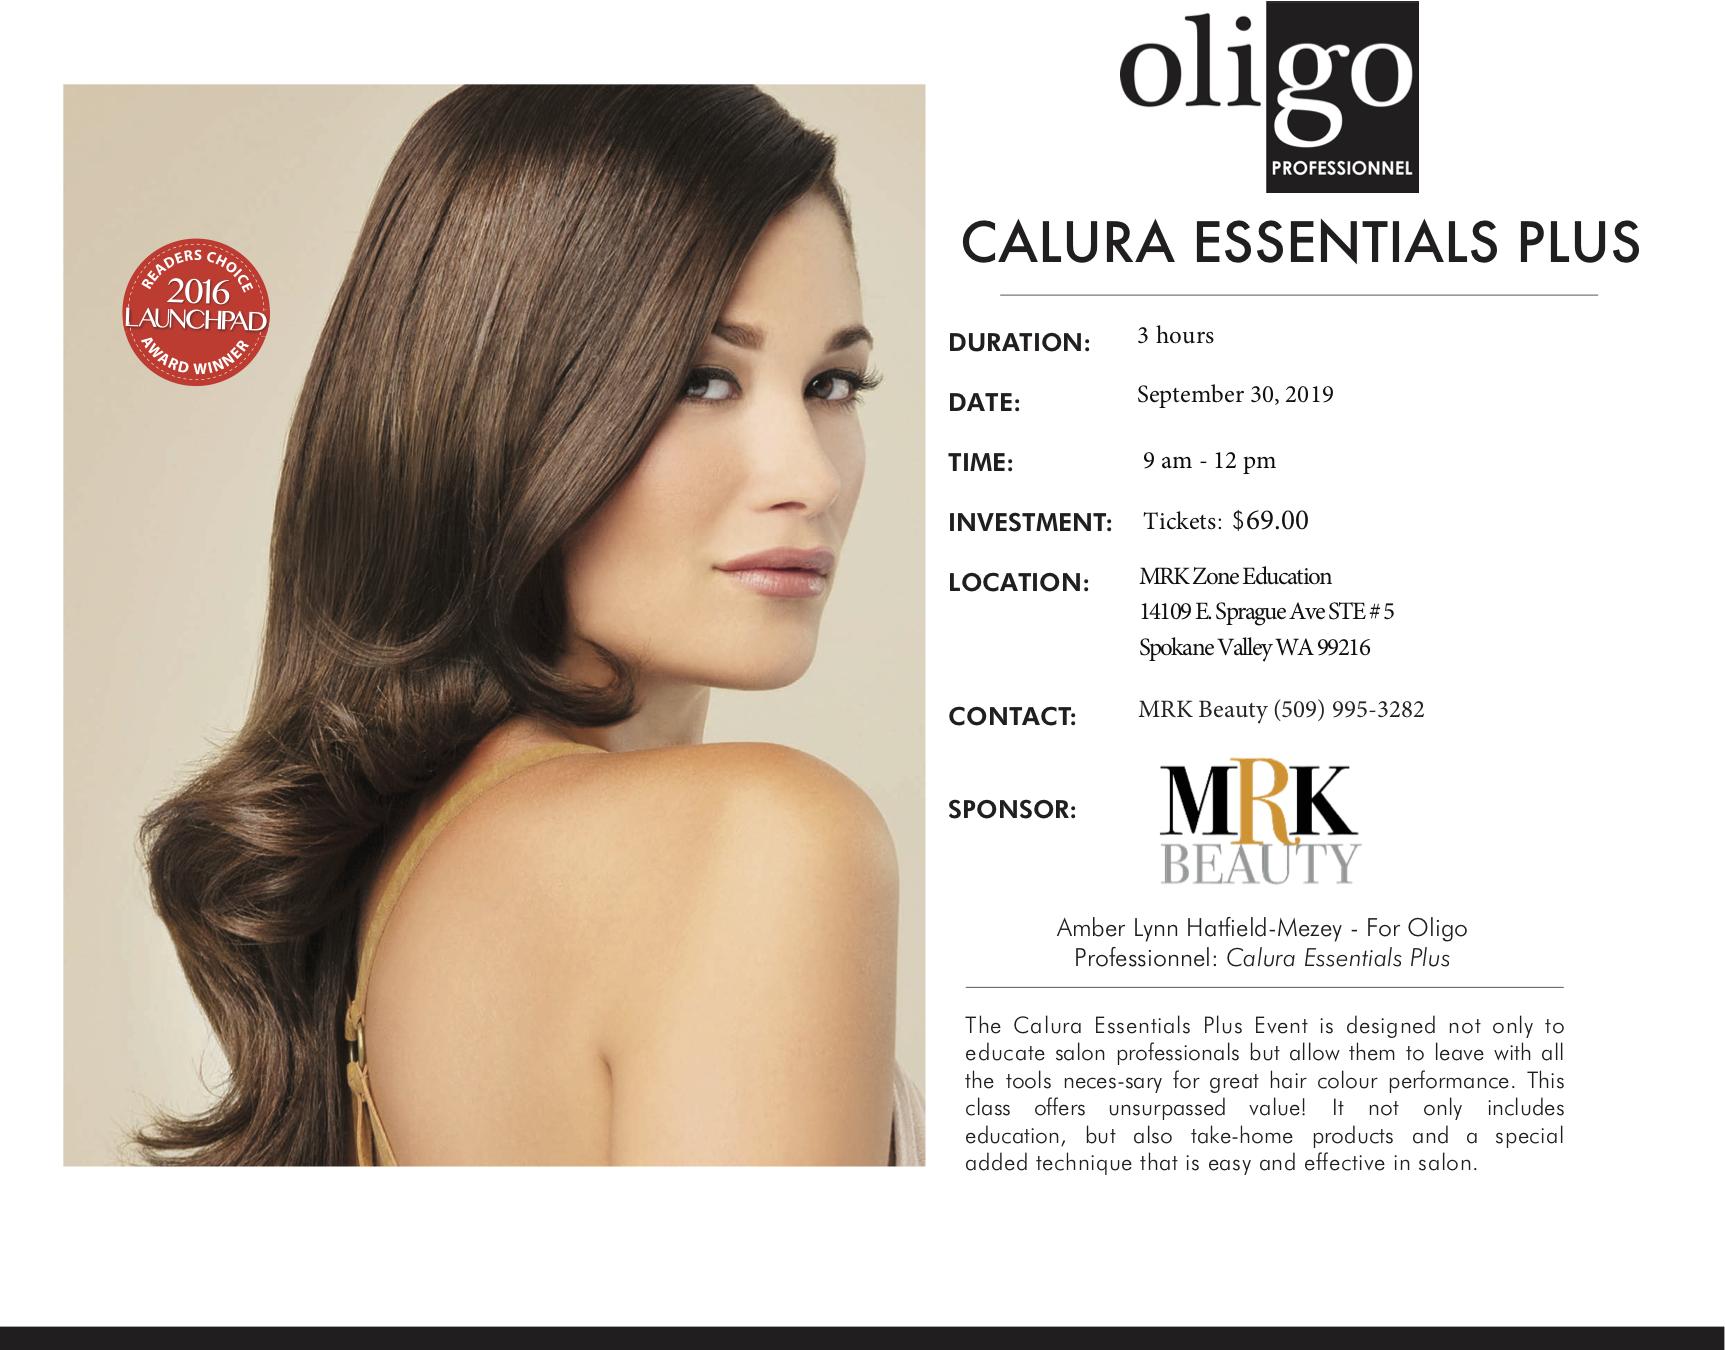 Calura Essentials Plus Revised July 12th 2019.jpg